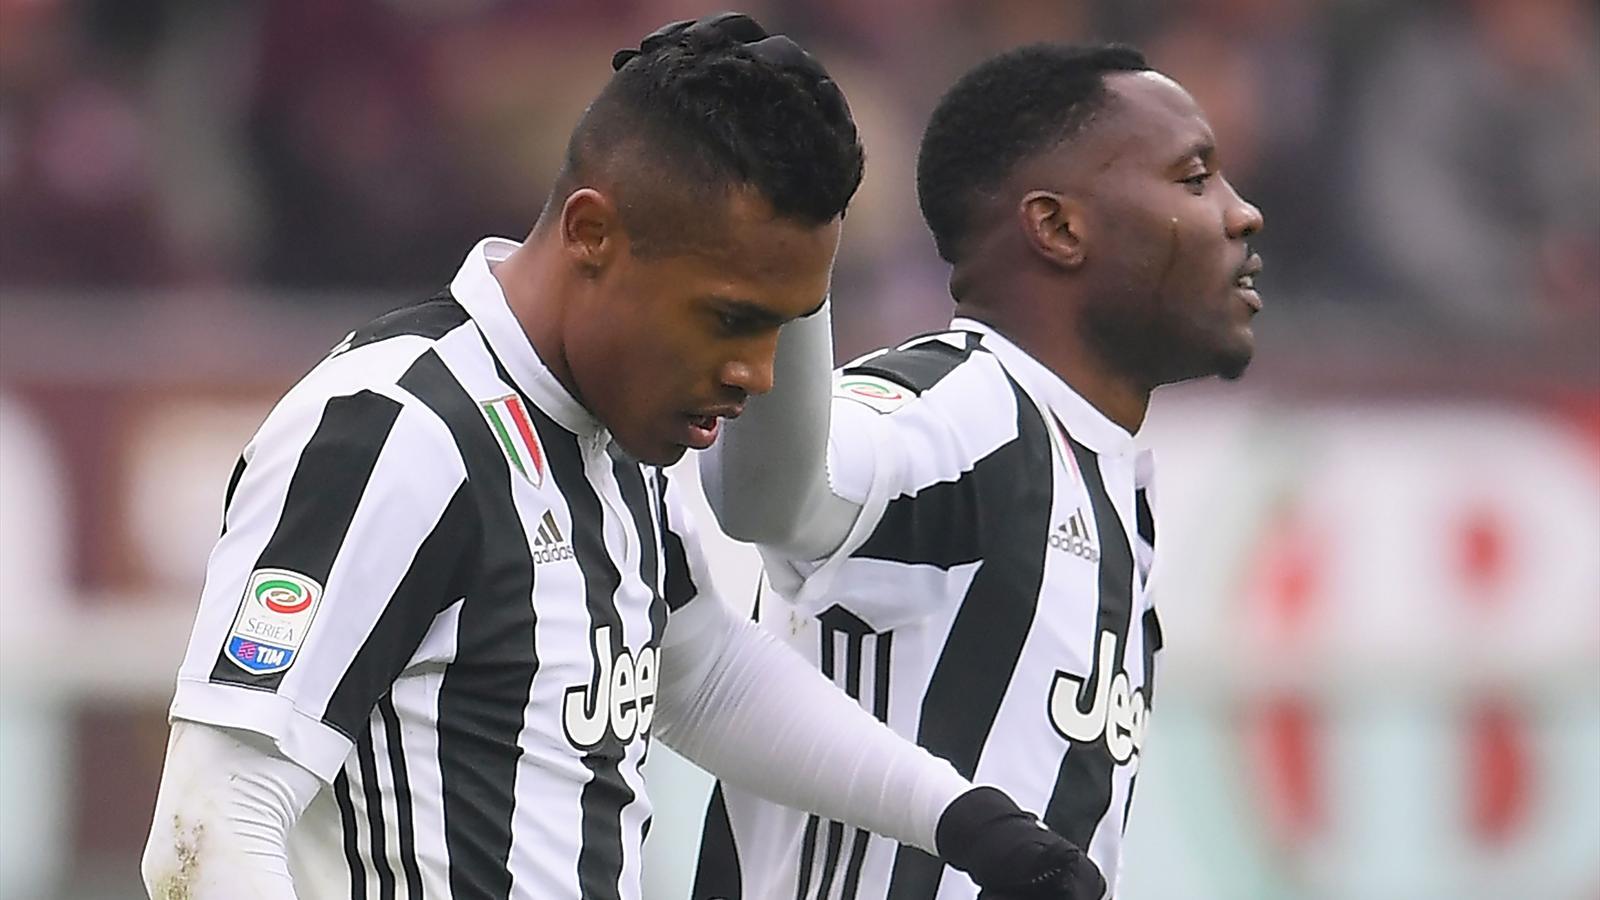 LIVE Torino - Juventus - Serie A - 18 febbraio 2018 - Eurosport a0421d4e58c7c